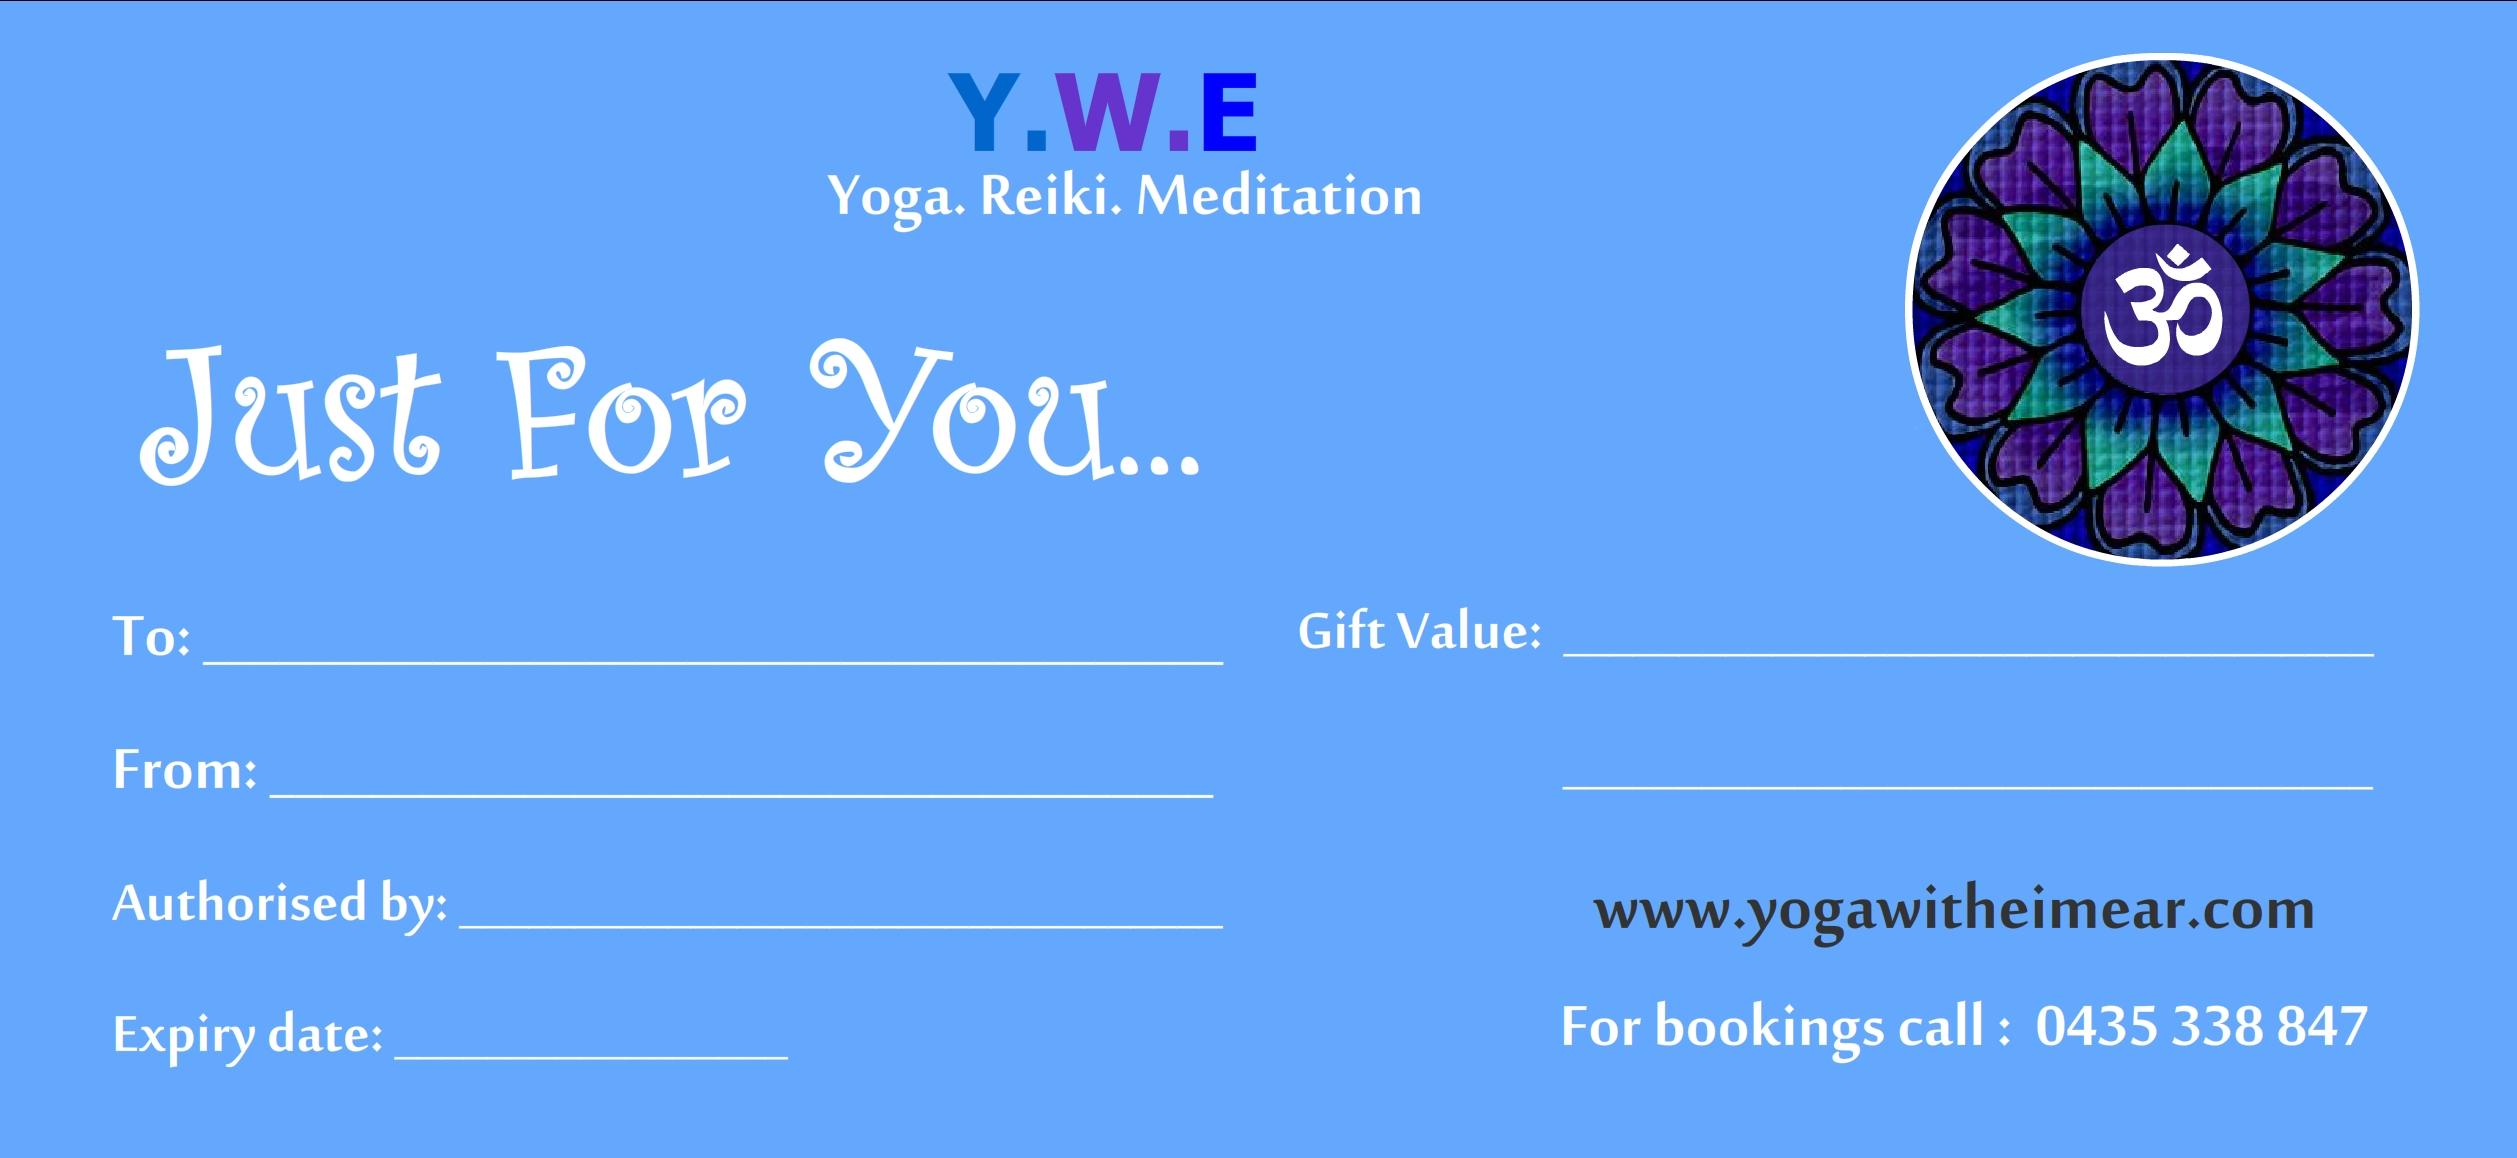 Adelaide Gift Voucher Yoga, Reiki, meditation